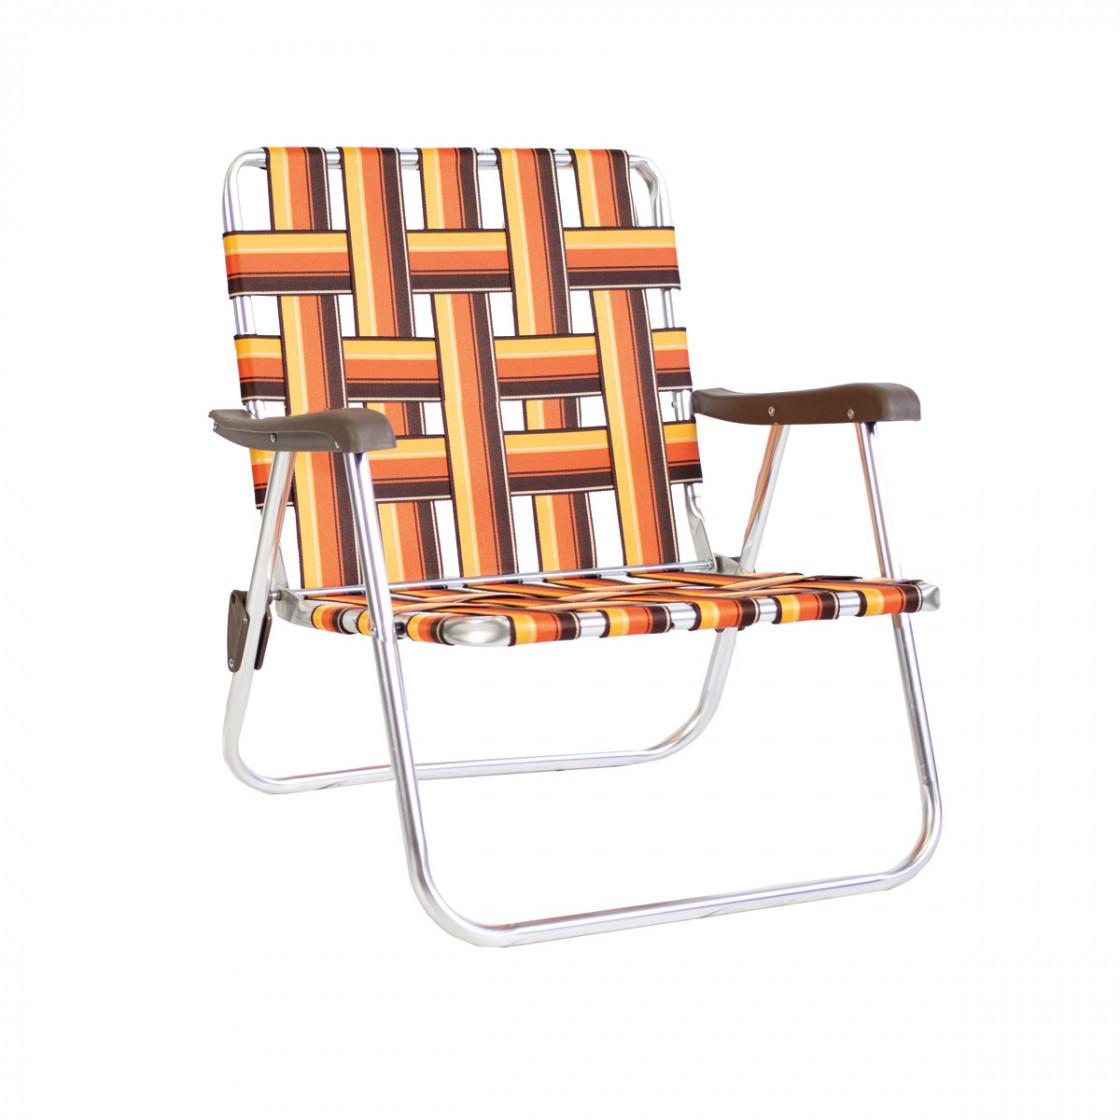 Kelso Backtrack Low Chair Orange/Brown